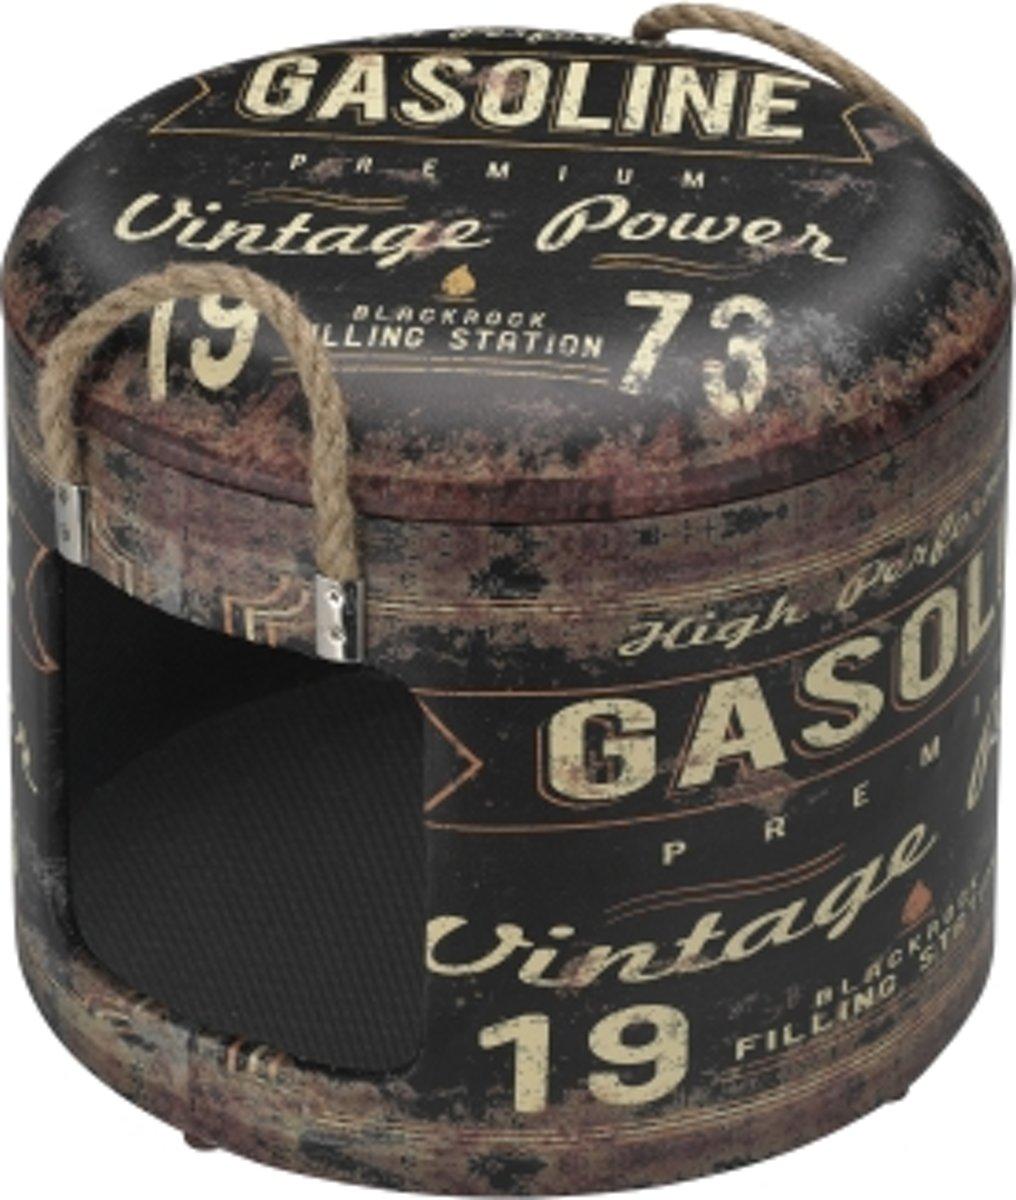 PETBOX GASOLINE 30x26CM